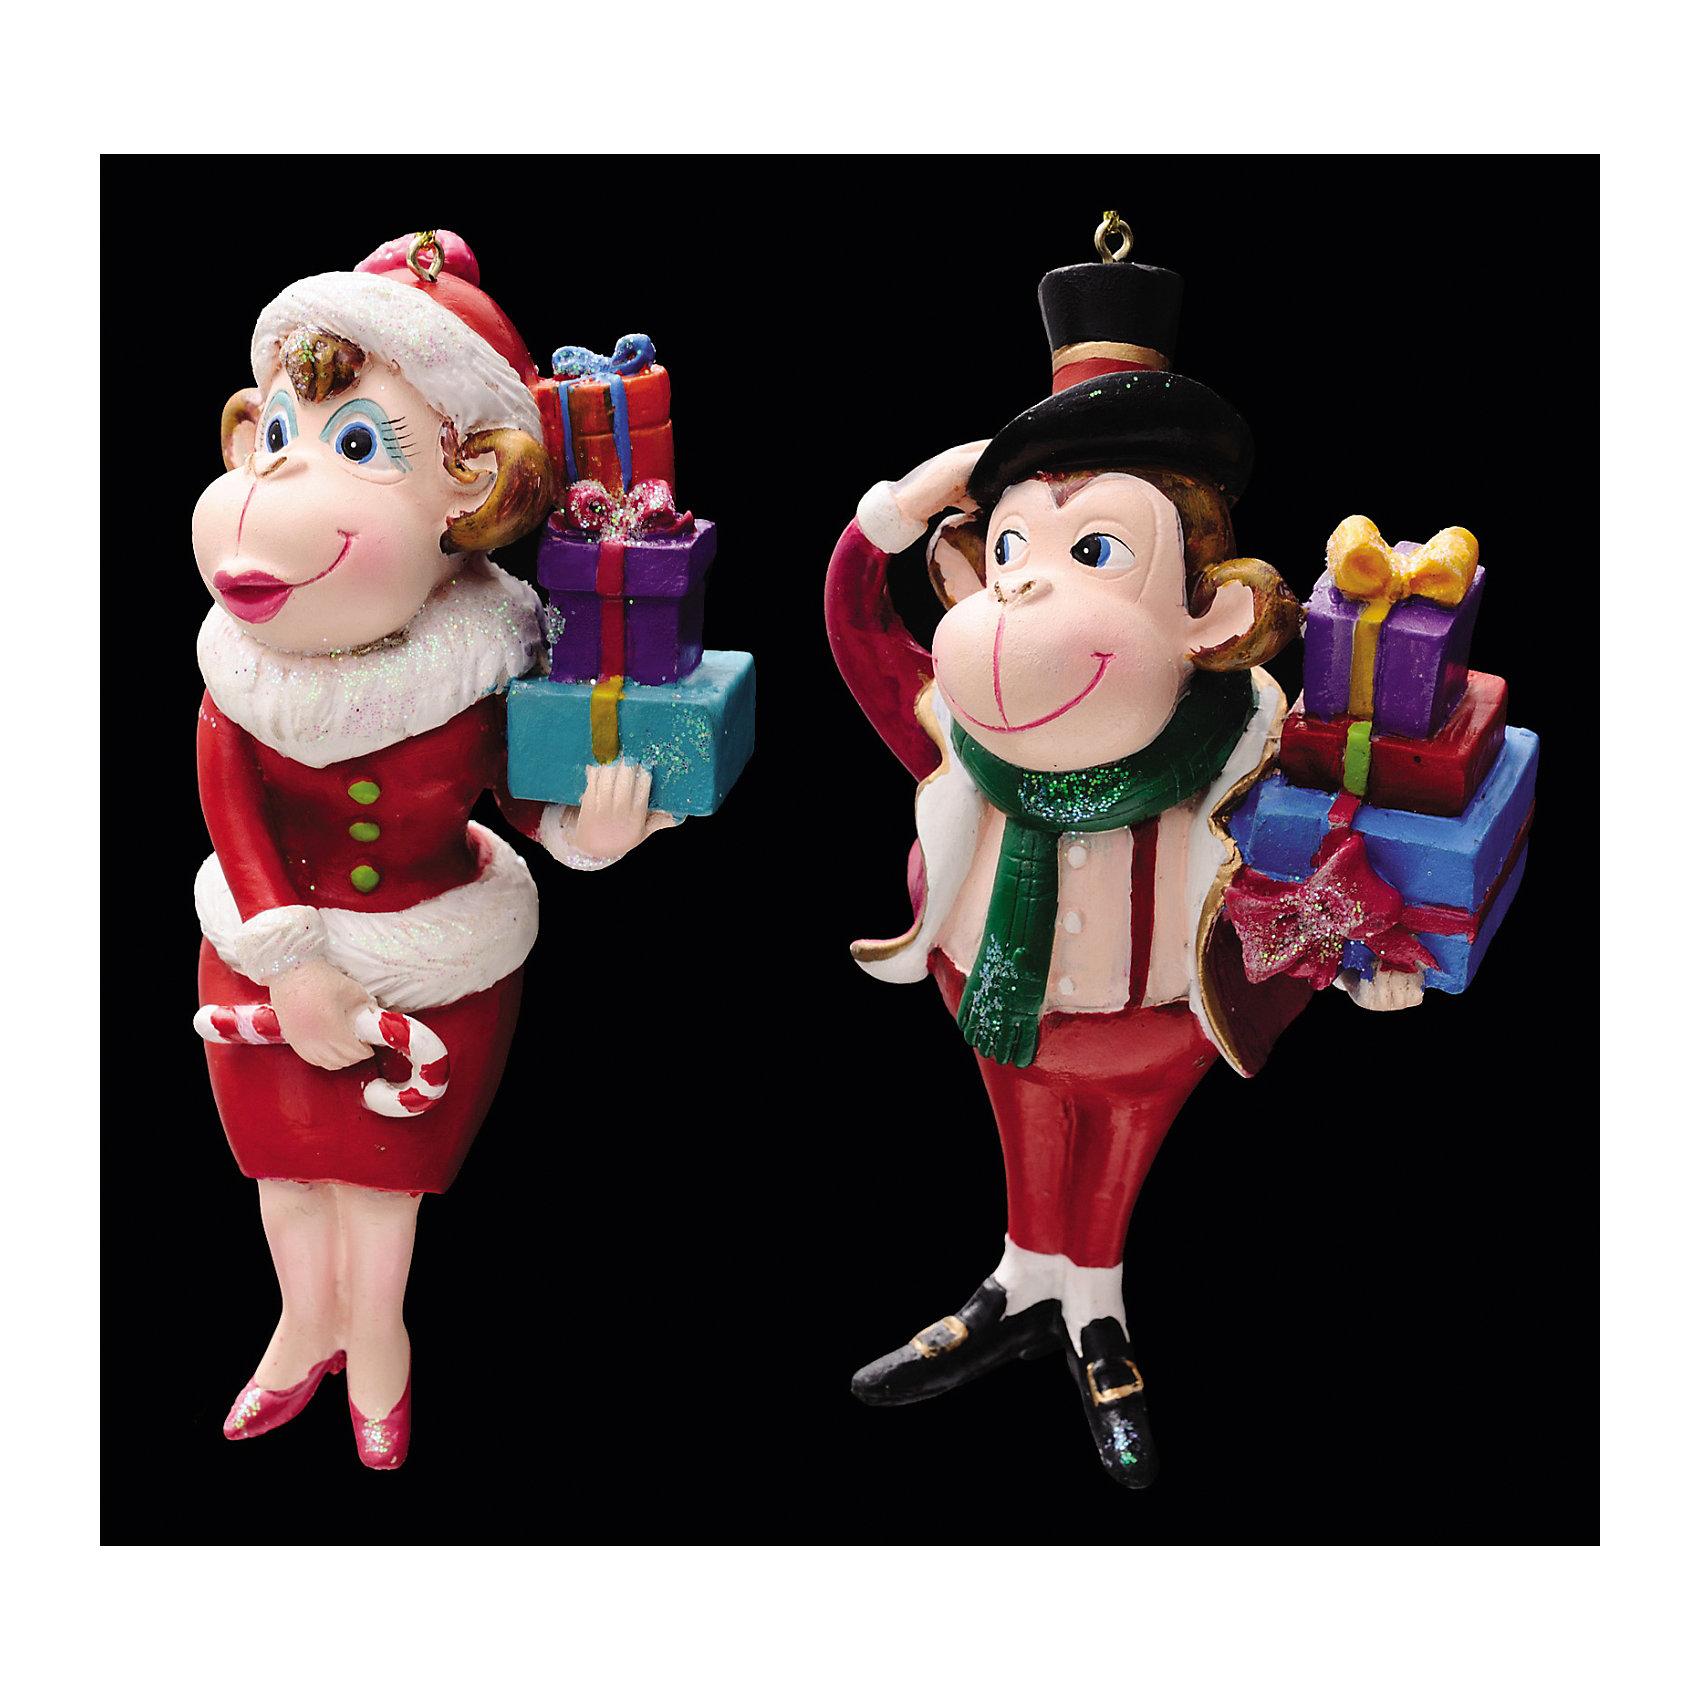 Украшение Праздничный сюрприз в ассортиментеУкрашение Праздничный сюрприз в ассортименте просто создано для Вашей елочки! Выполнено в виде объемной фигурки символа 2016 года – забавной мартышки с подарками. Обезьянка одета в стильный наряд (женский или мужской костюм) и украшена блестками. А наряжая елку вместе с детьми, Вы получите несколько часов замечательного общения и сделаете праздничным свой интерьер! <br><br>Дополнительная информация:<br>-Материалы: полирезина<br>-Размер в упаковке: 6,5х4х11,5 см<br>-Вес в упаковке: 106 г<br>-Размер: 11,5 см<br>-В ассортименте: обезьяна-дама или обезьяна в мужском костюме (Внимание! Заранее выбрать невозможно, при заказе нескольких возможно получение одинаковых)<br><br>Украшение Праздничный сюрприз в ассортименте можно купить в нашем магазине.<br><br>Ширина мм: 65<br>Глубина мм: 40<br>Высота мм: 115<br>Вес г: 106<br>Возраст от месяцев: 84<br>Возраст до месяцев: 2147483647<br>Пол: Унисекс<br>Возраст: Детский<br>SKU: 4286666